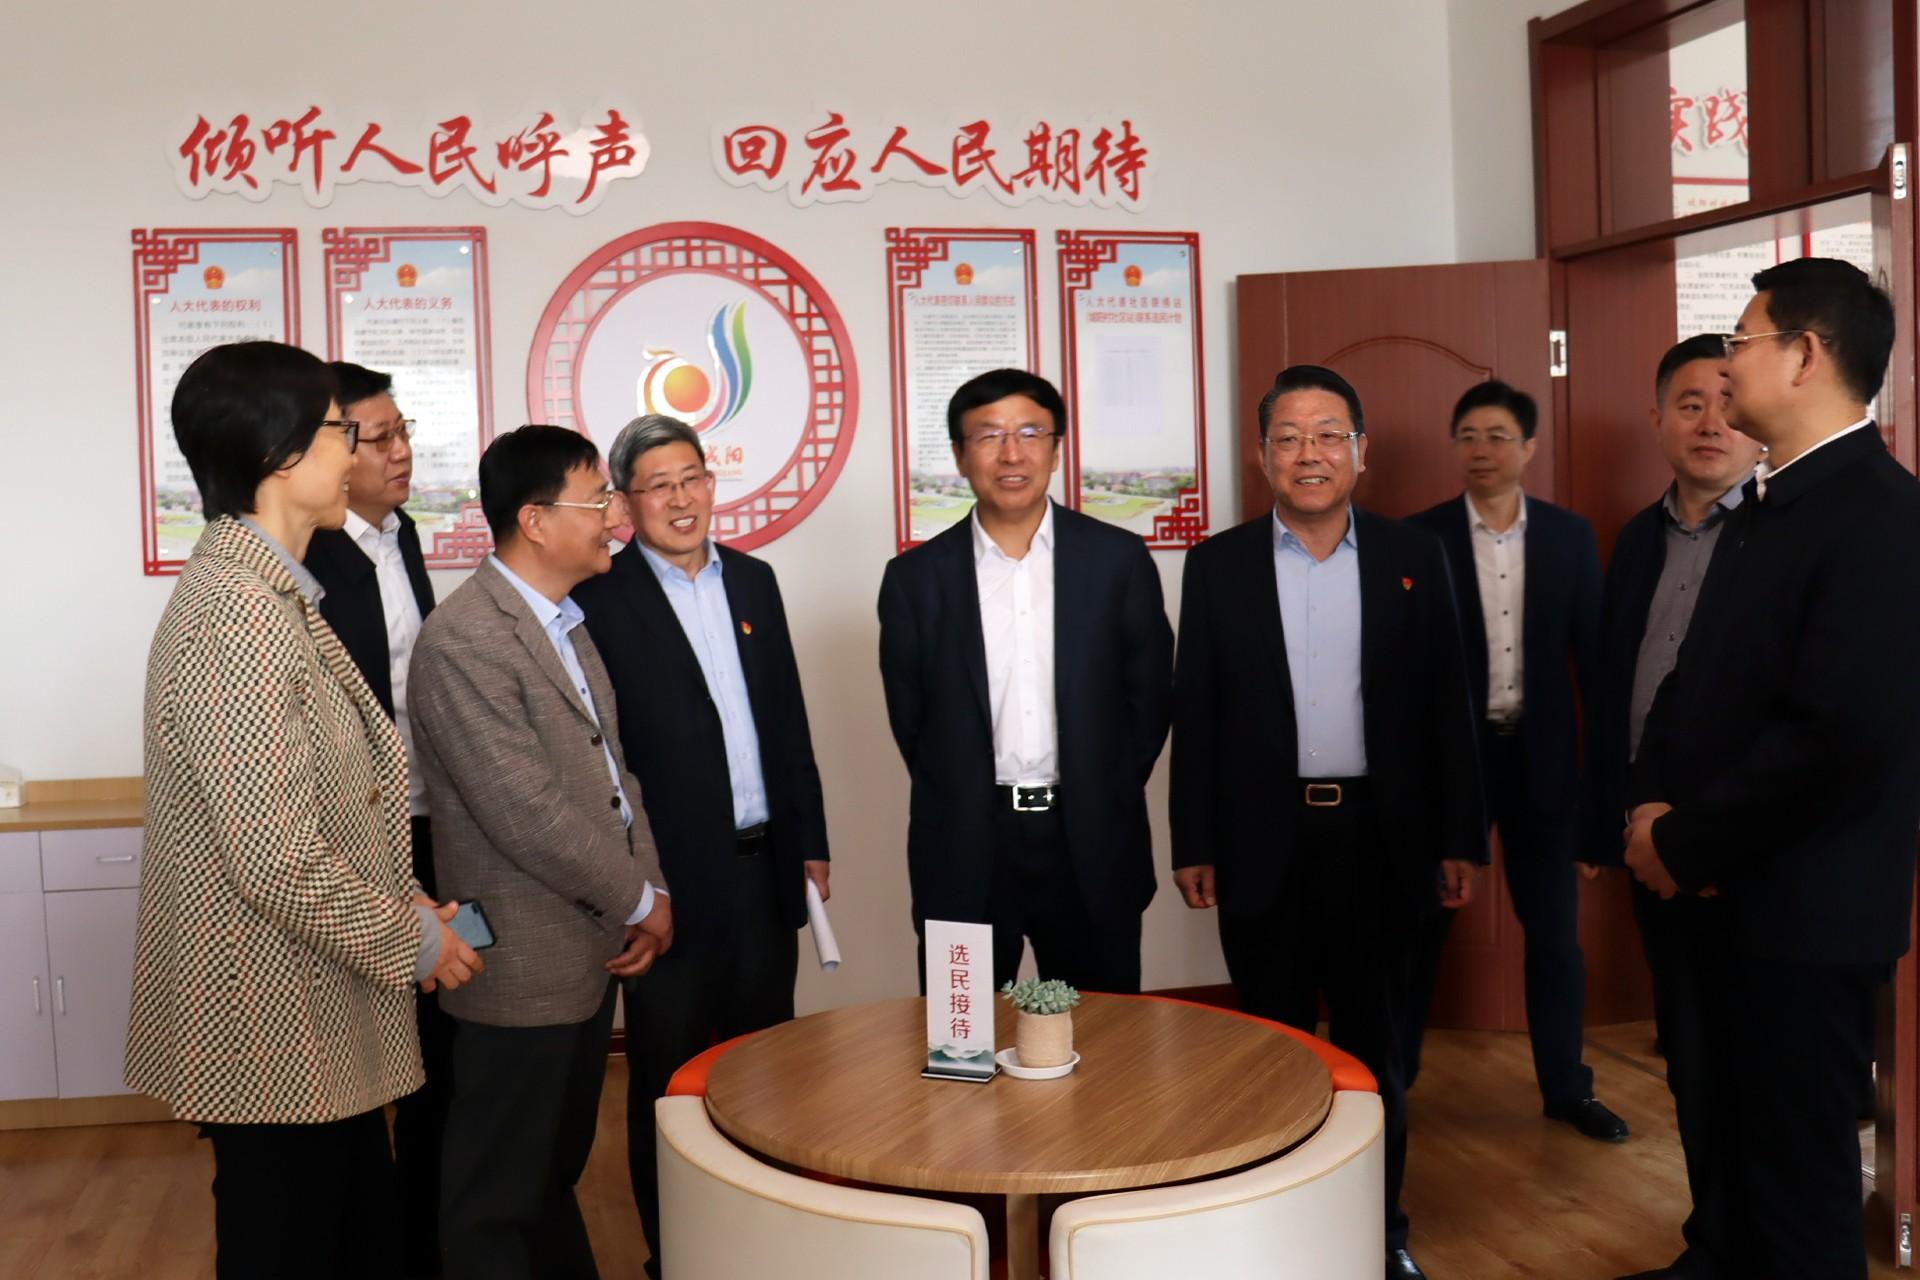 青岛市委副书记、市人大常委会主任王鲁明莅临城阳街道代表活动中心调研指导工作